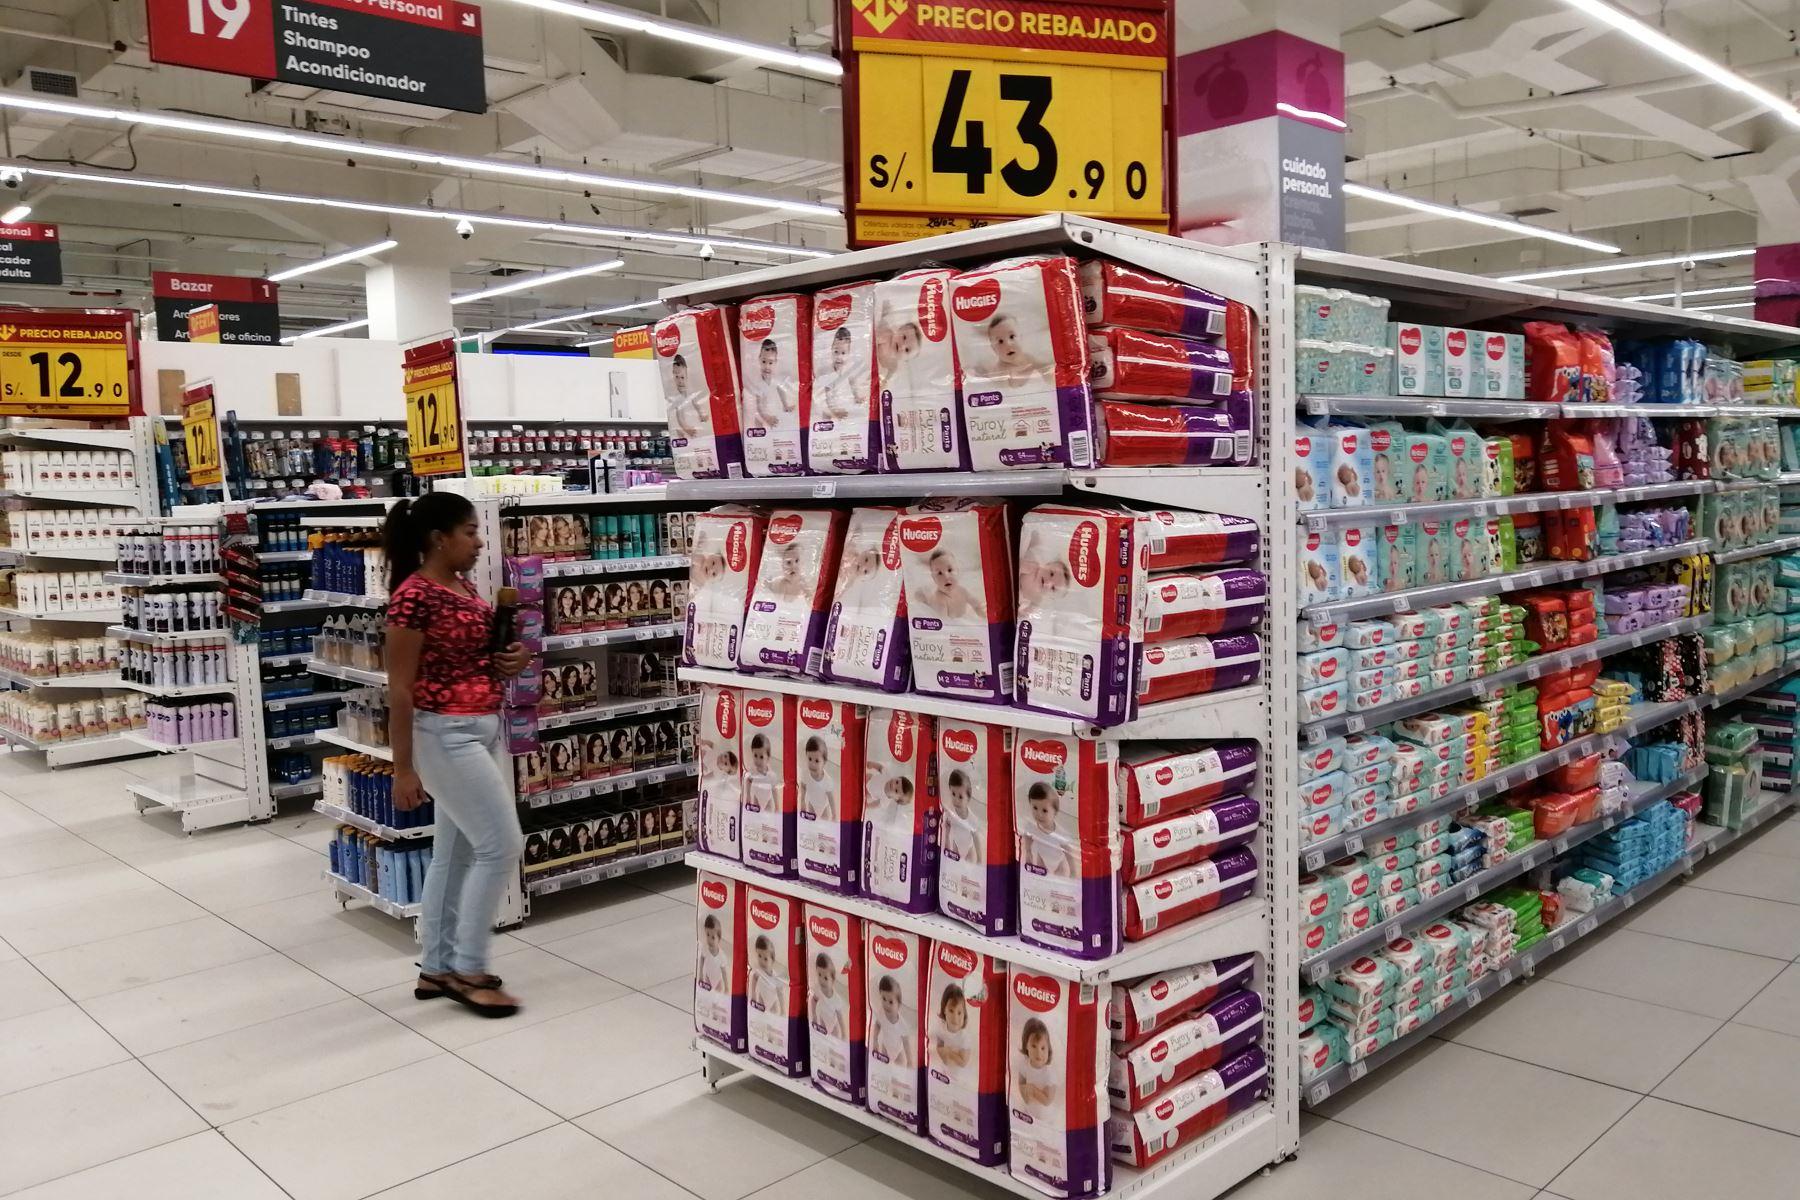 Ni supermercados ni mercados ni farmacias abrirán los domingos. Foto: ANDINA/Jhonel Rodríguez Robles.